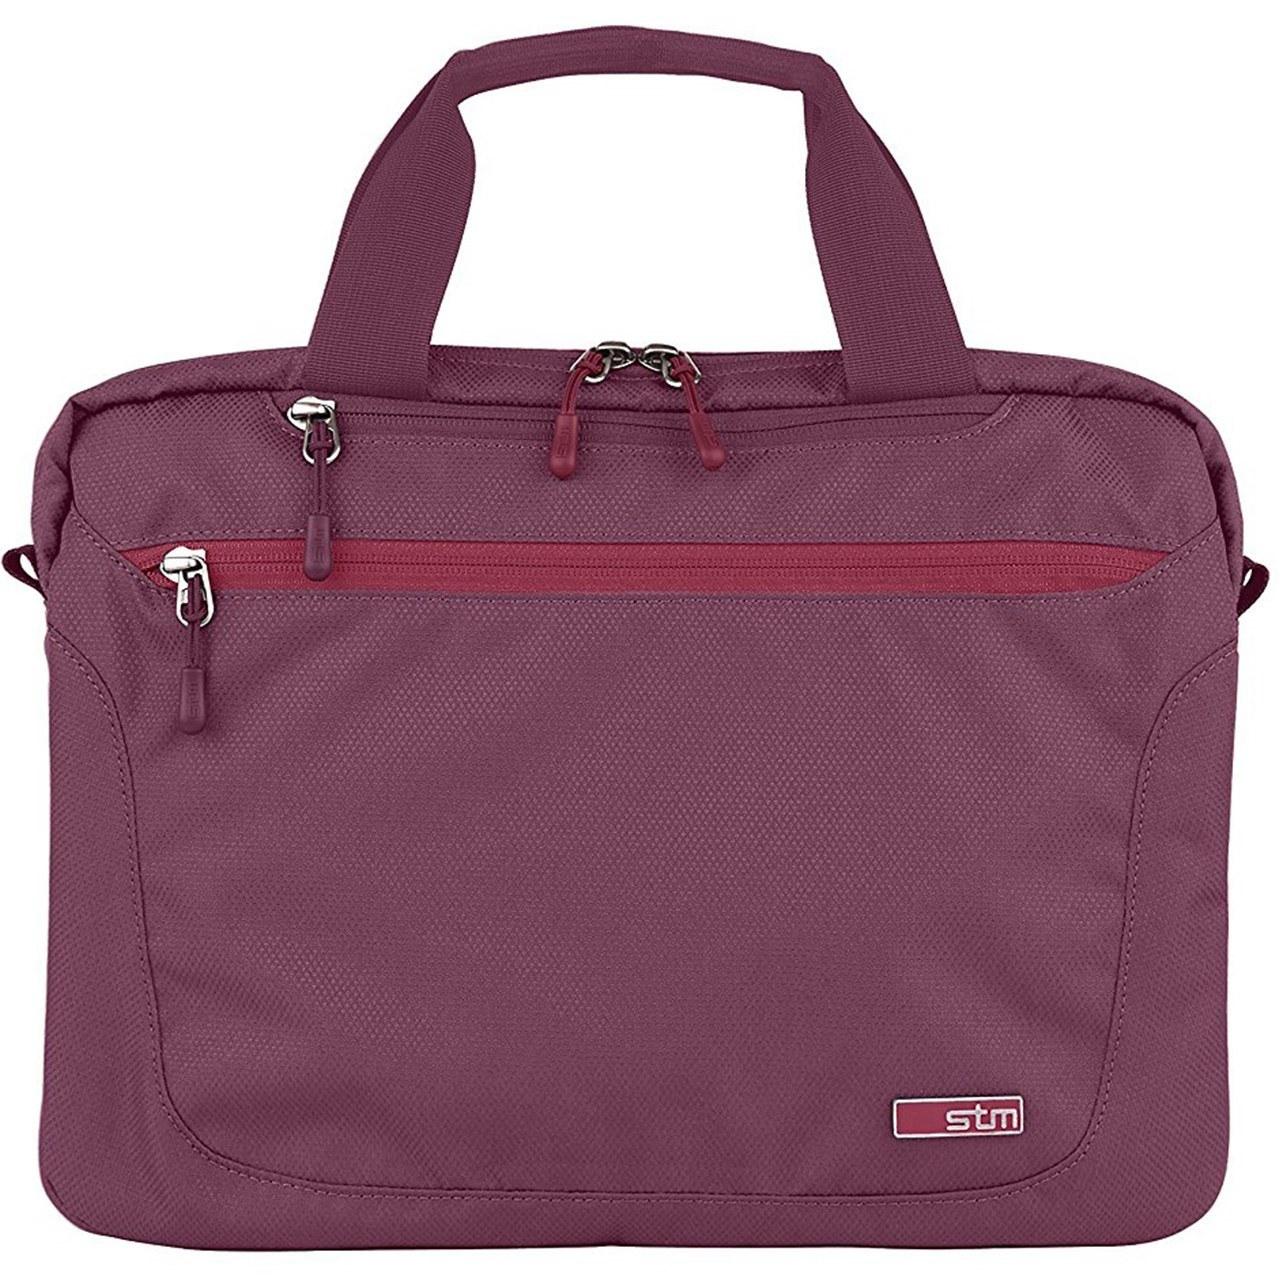 کيف لپ تاپ اس تي ام مدل Swift مناسب براي لپ تاپ 15 اينچي | STM Swift Bag For 15 Inch Laptop